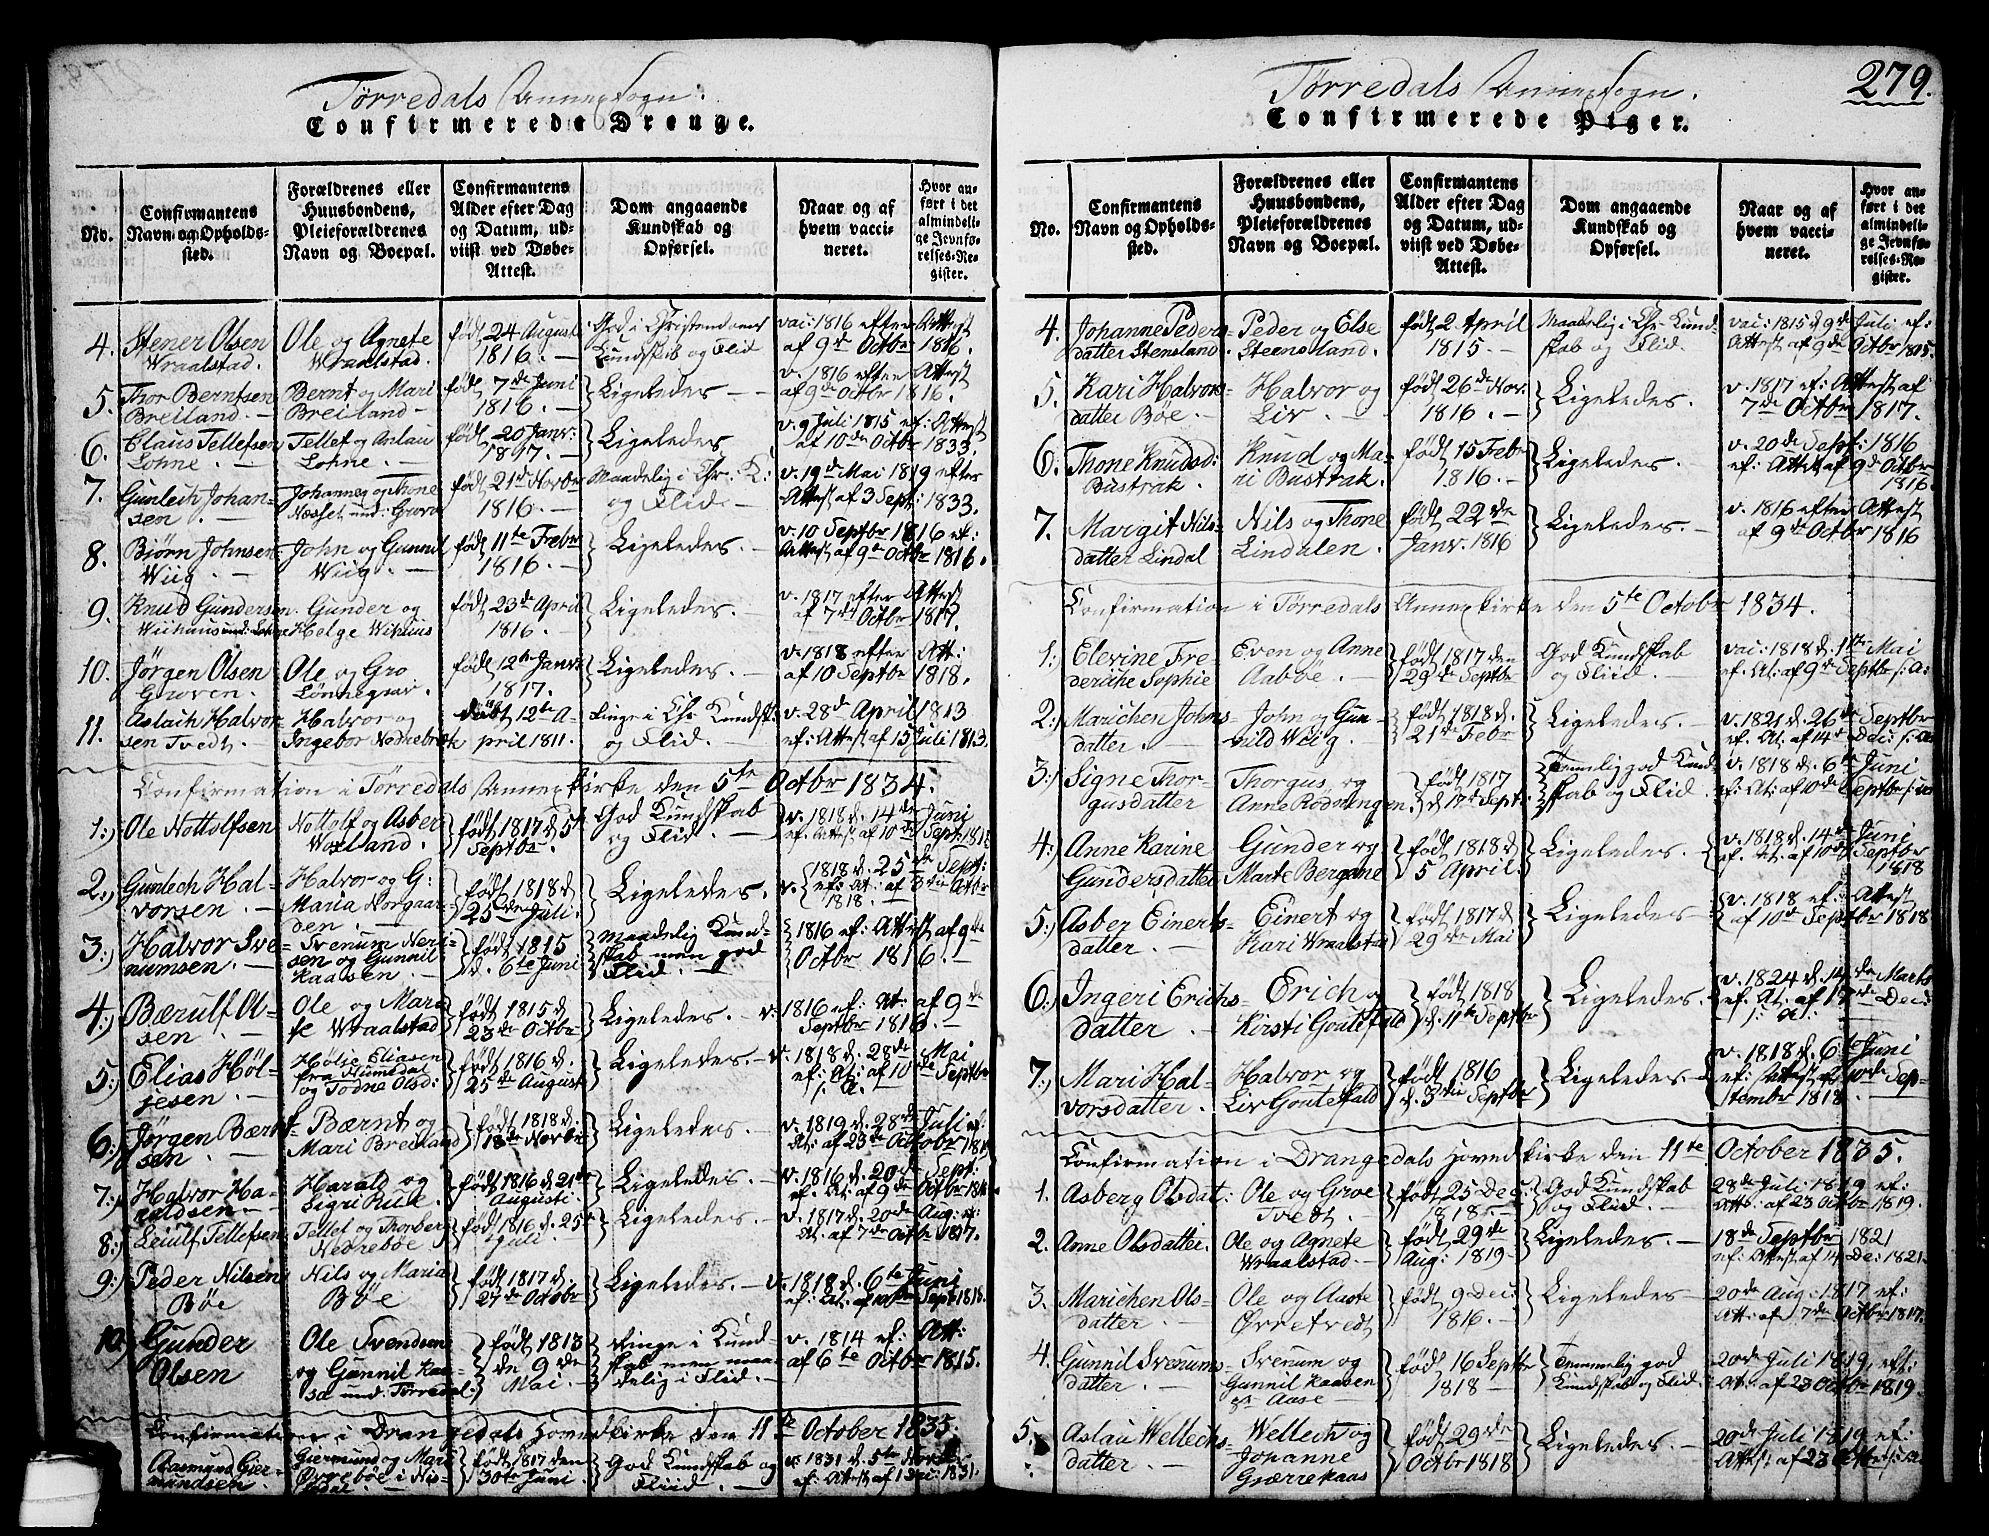 SAKO, Drangedal kirkebøker, G/Ga/L0001: Klokkerbok nr. I 1 /2, 1814-1856, s. 279